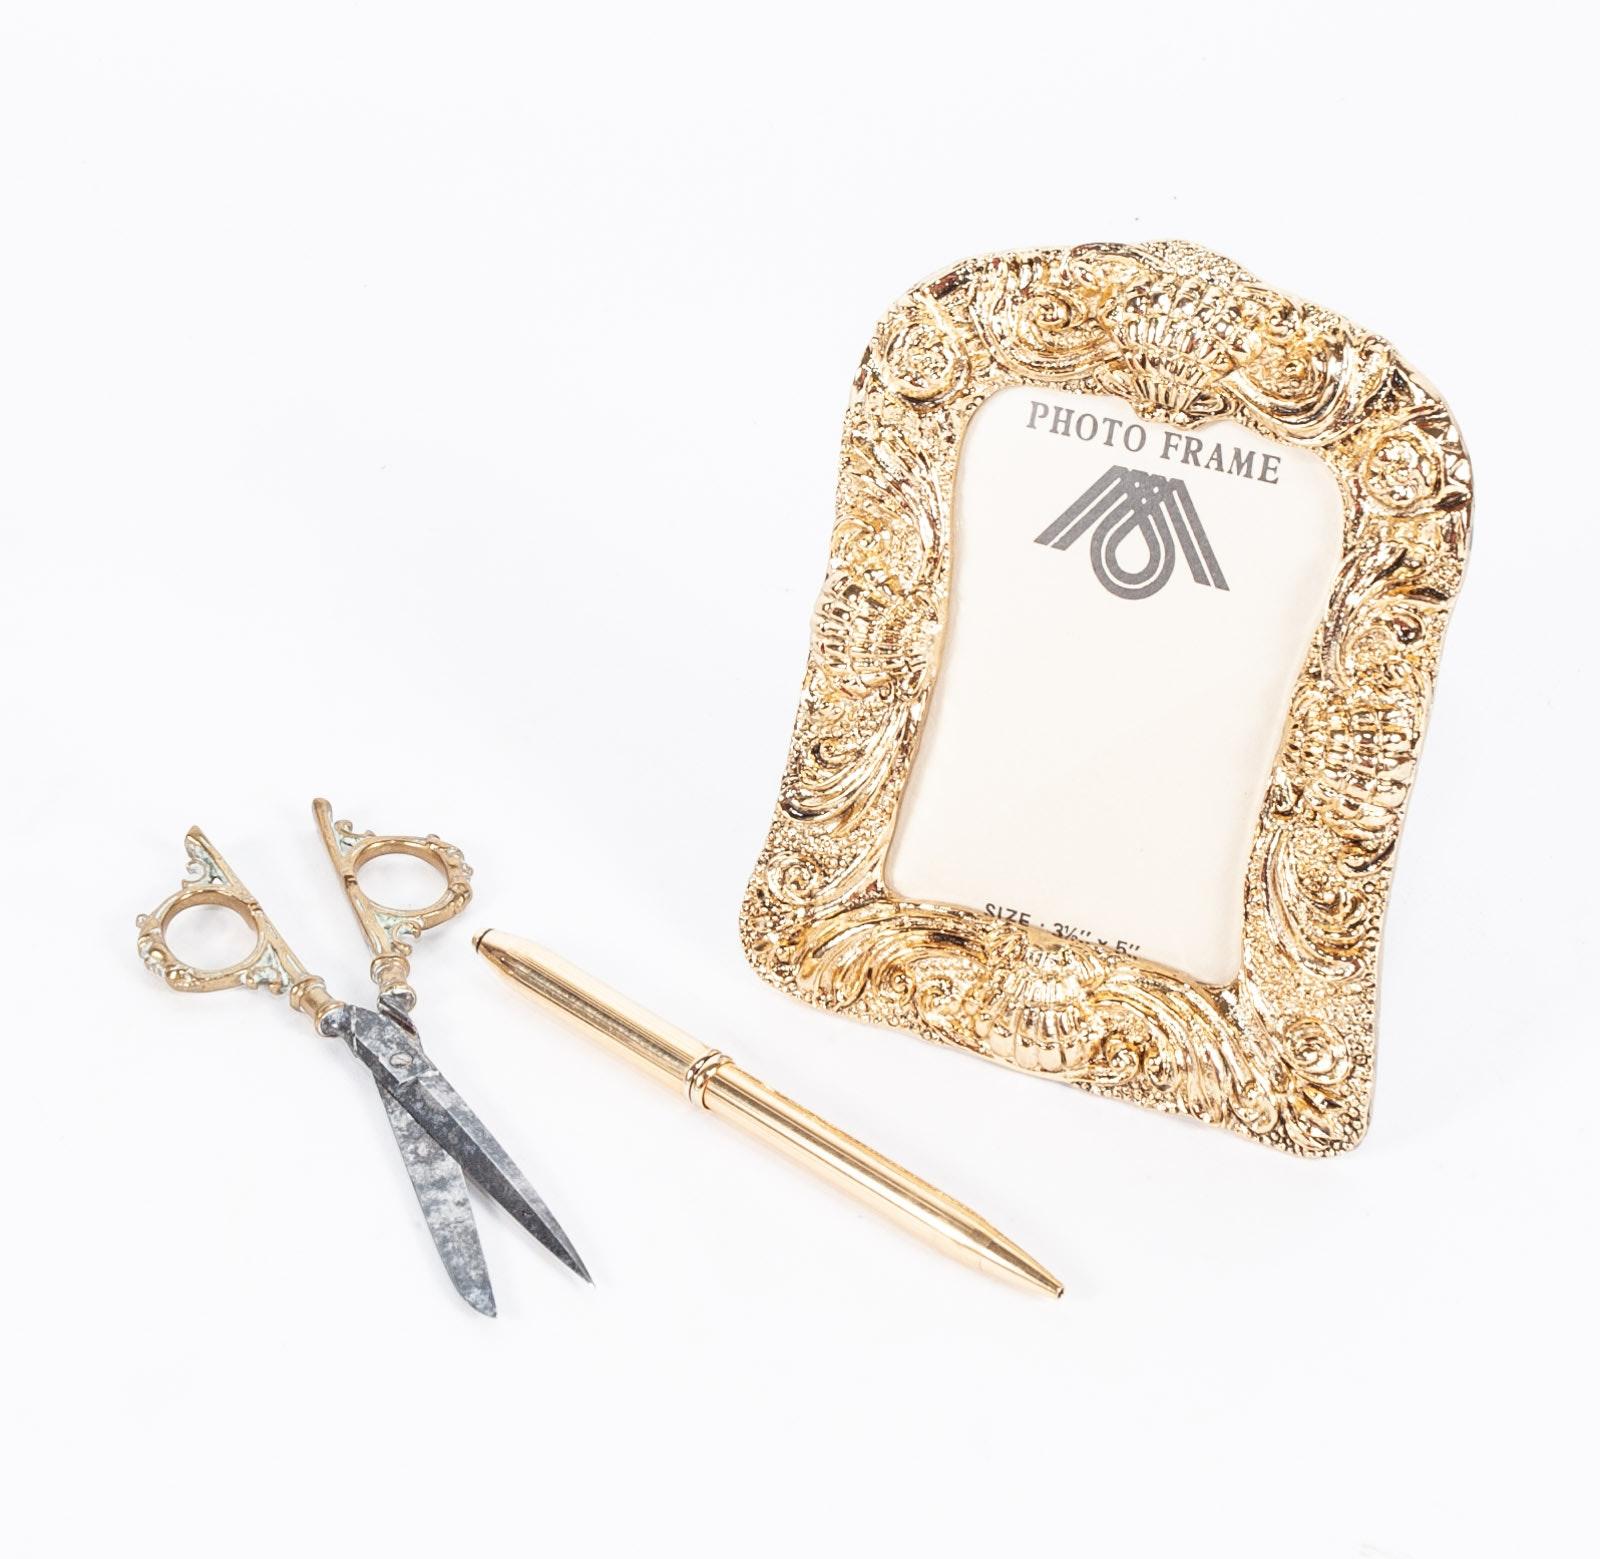 Gold Tone Desk Accessories